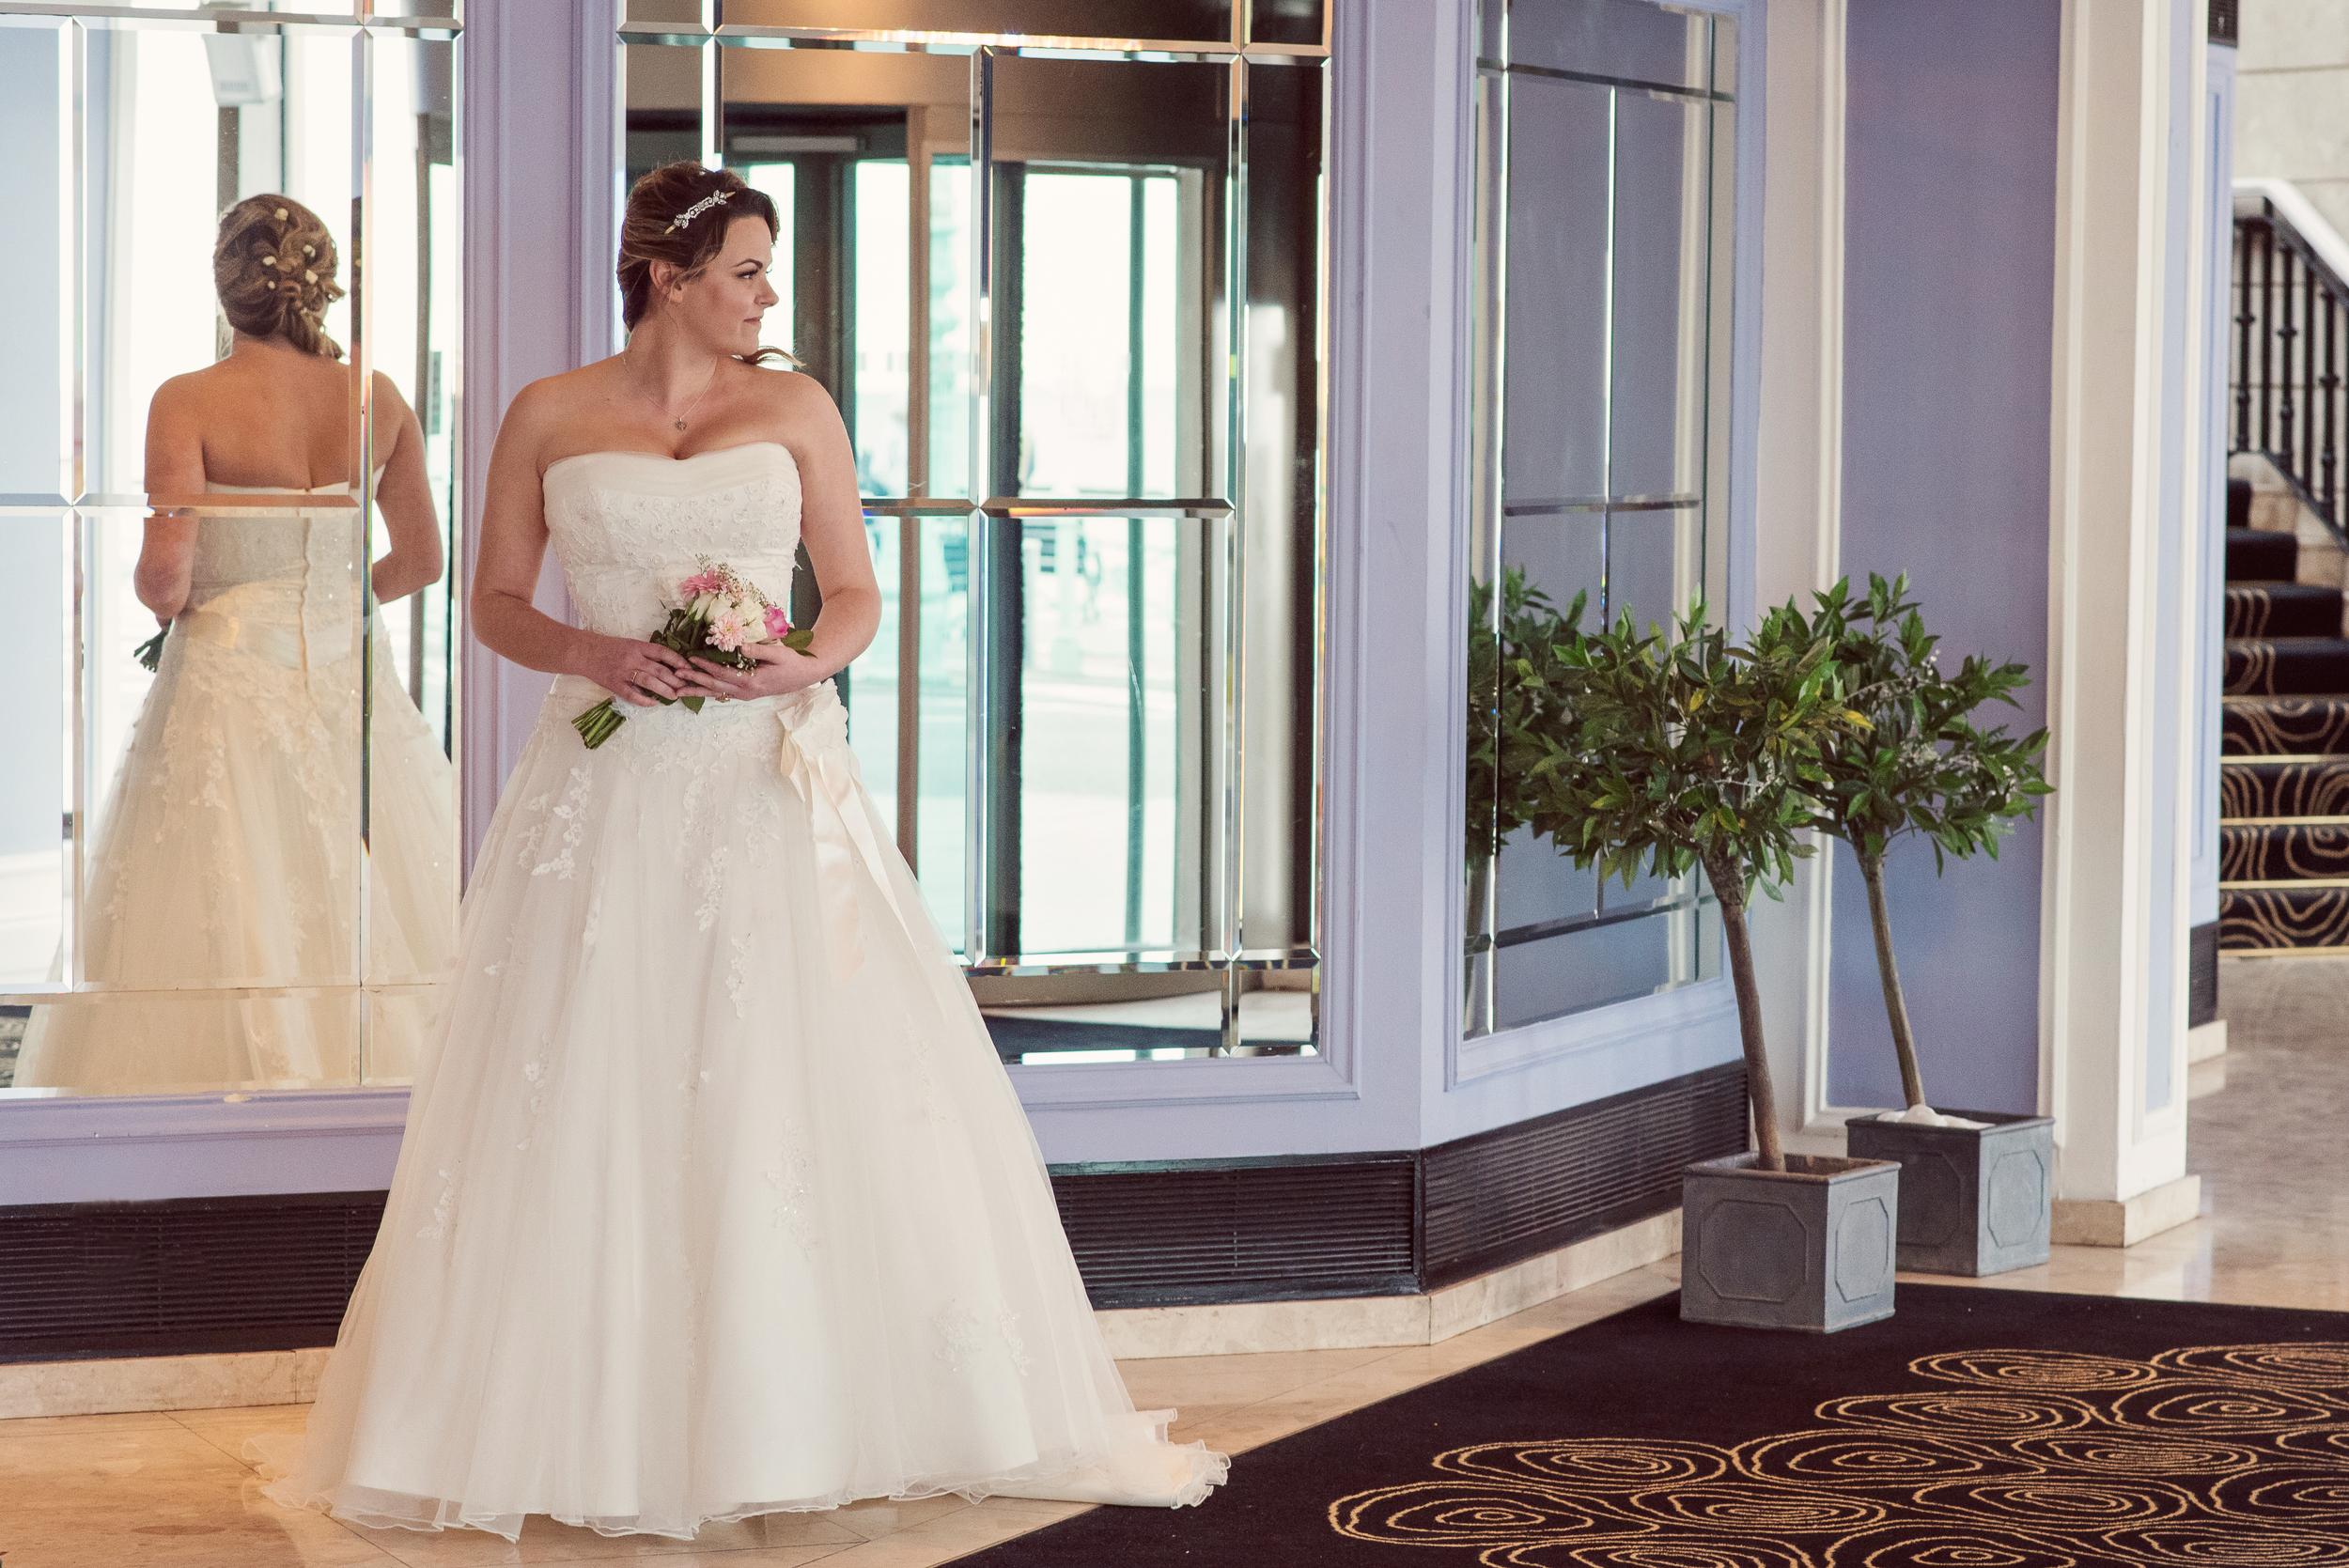 Bride in her wedding dress, Waterfront Hotel Brighton